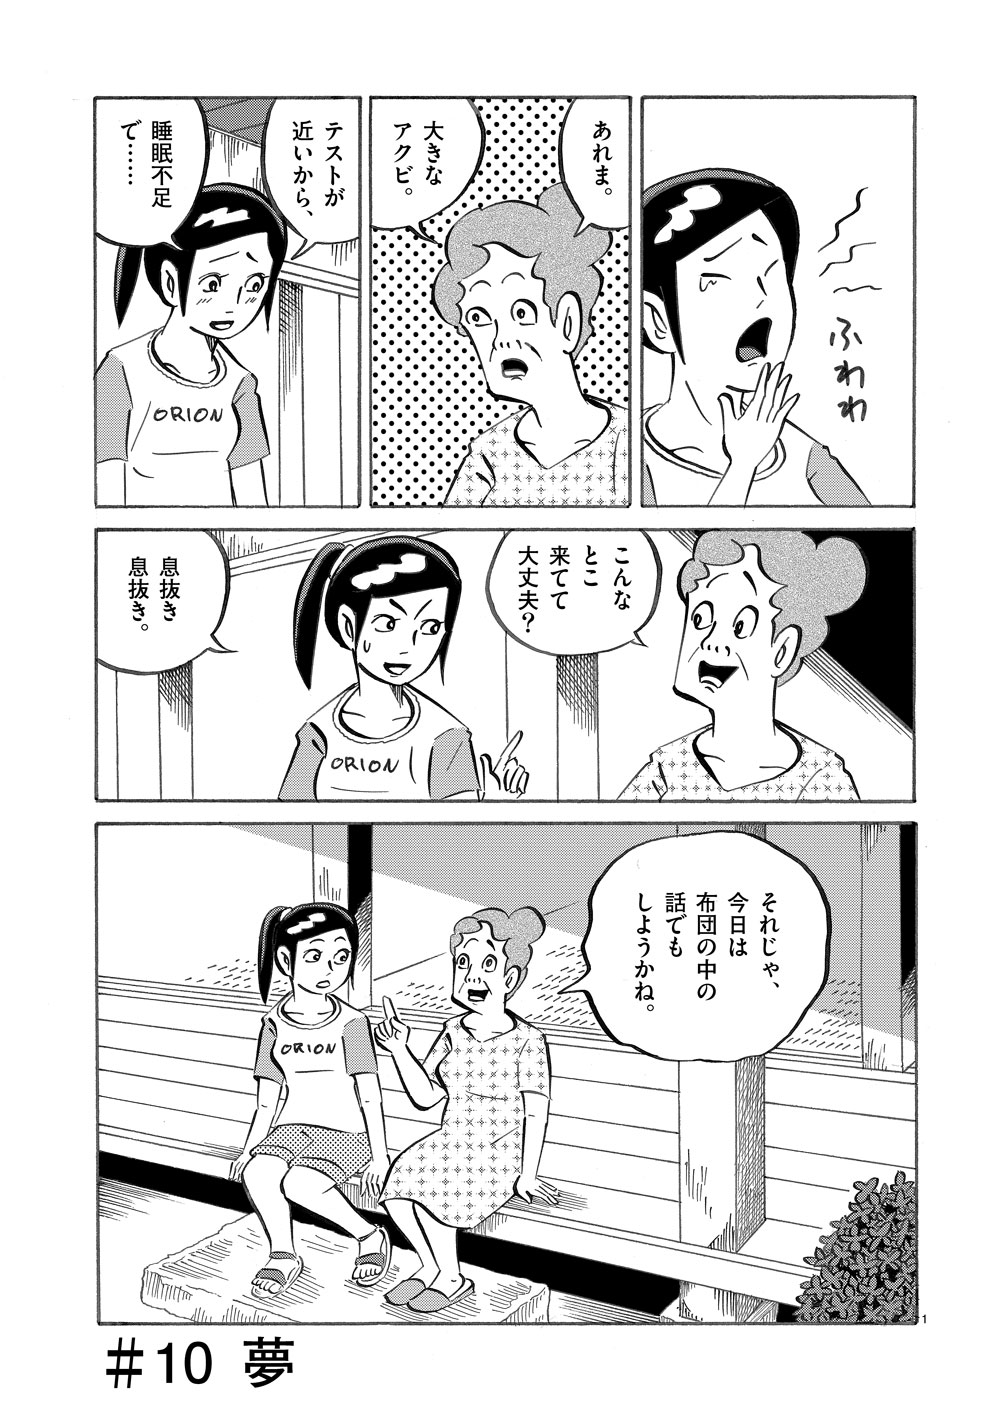 琉球怪談 【第10話】WEB掲載1ページ目画像